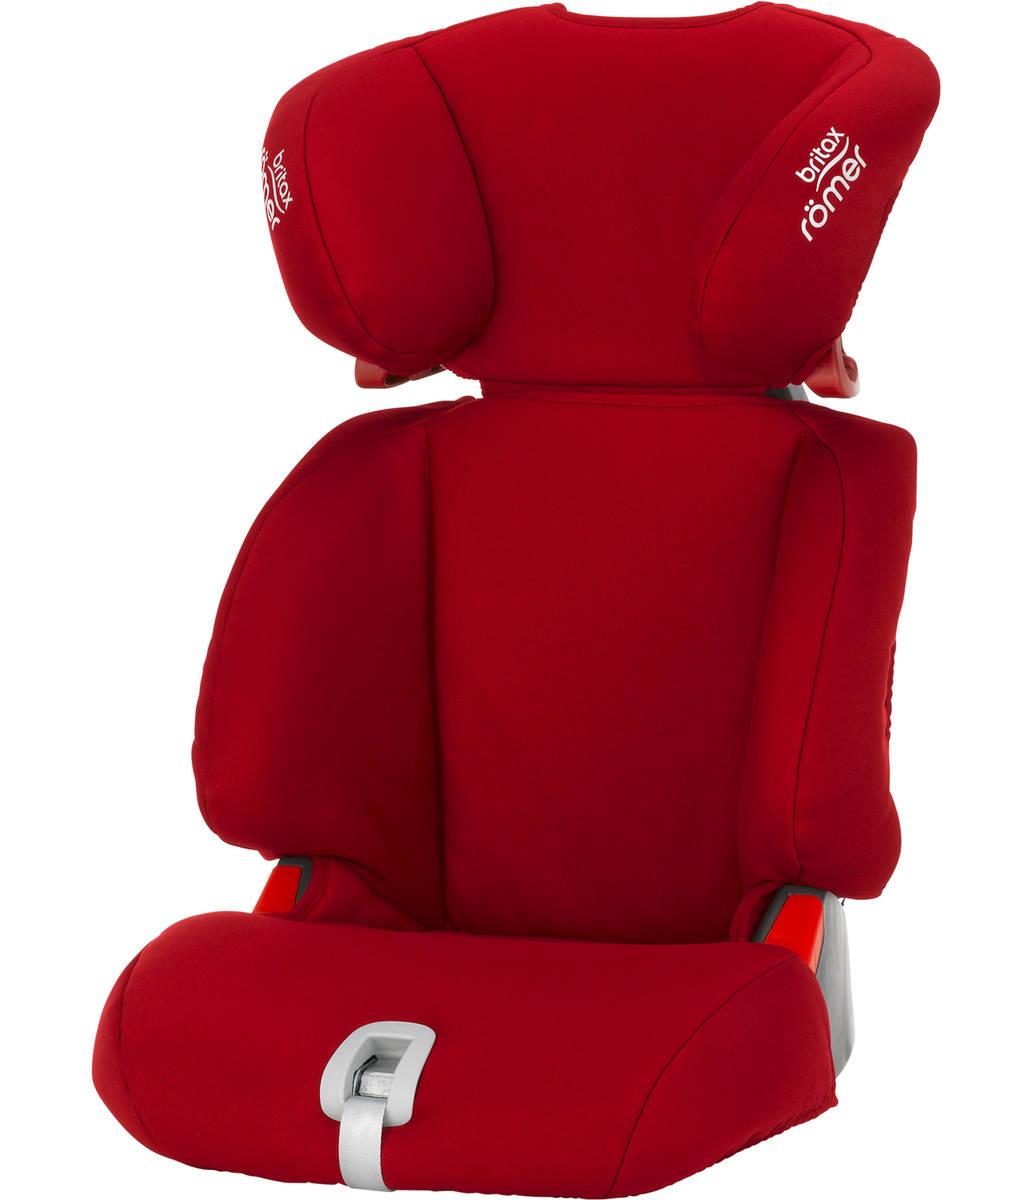 Flame Red 2016 - Turvavyöistuimet - 569985001214 - 5